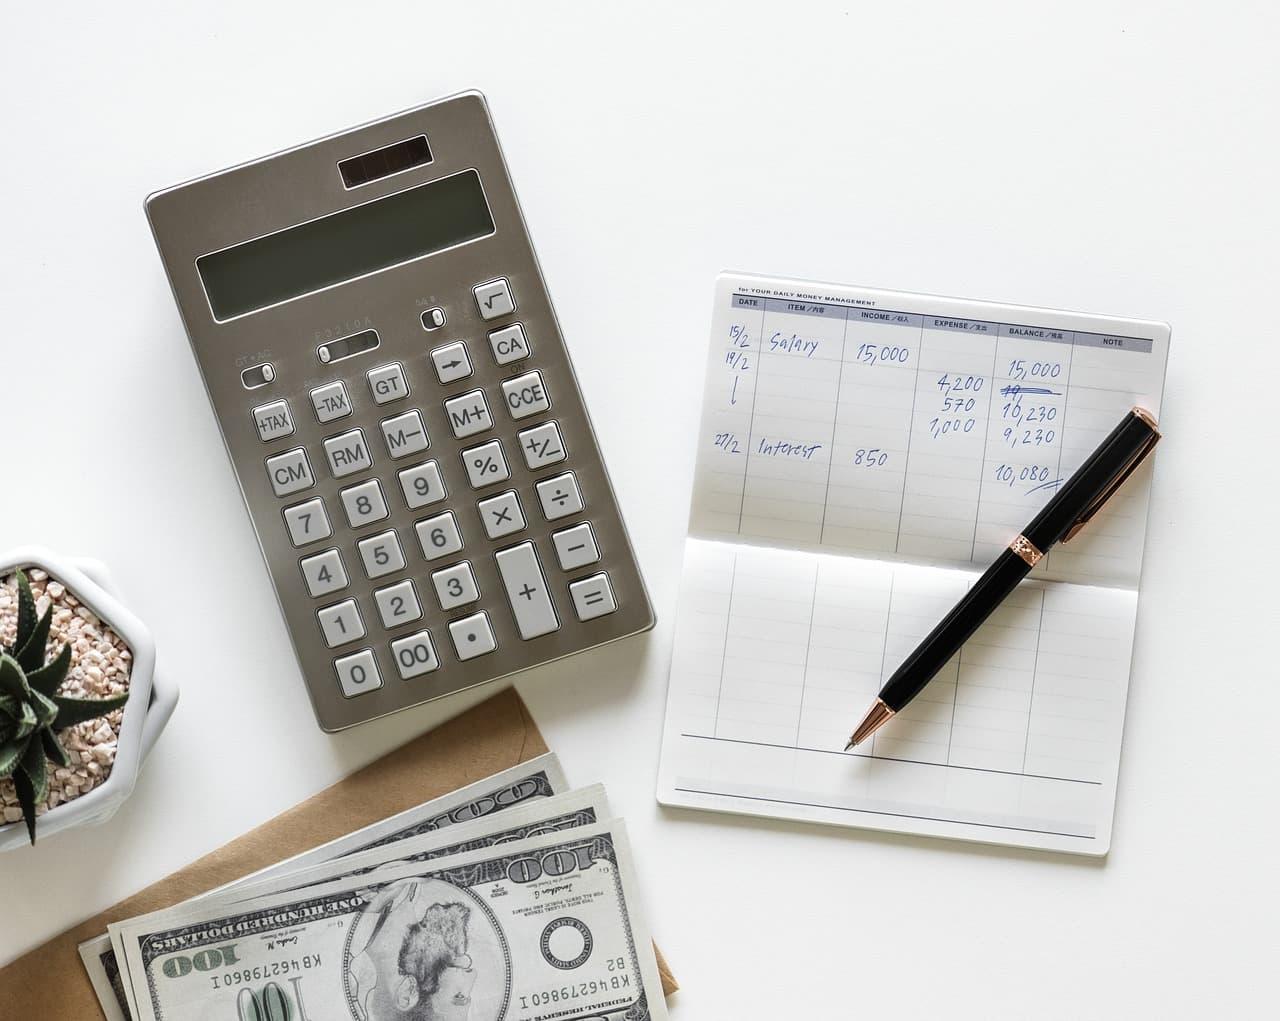 Prix calculatrice comptes stylo argent